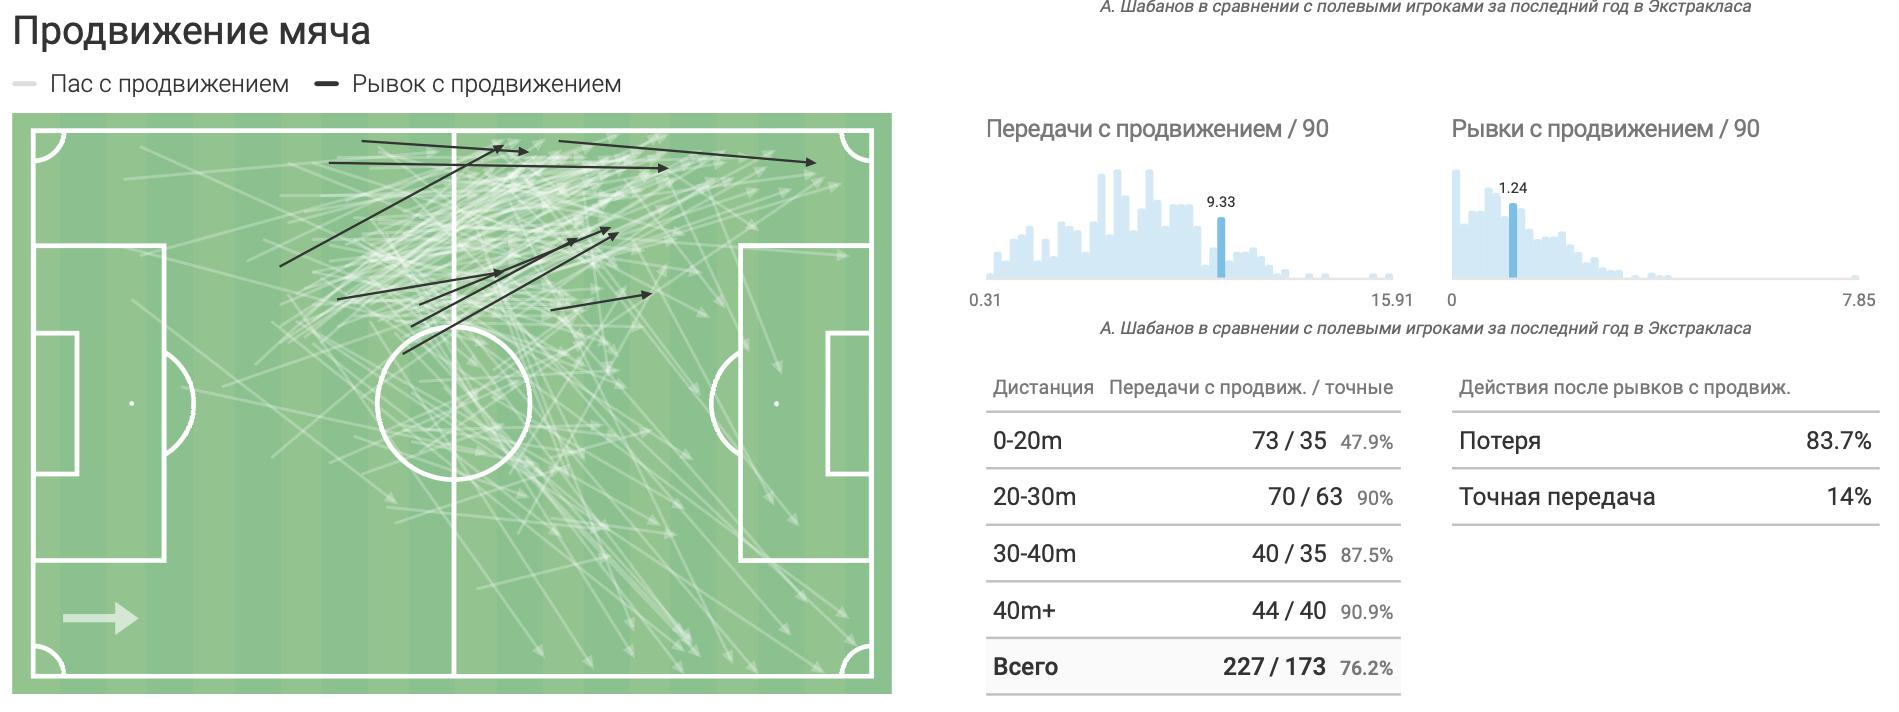 Шабанов в «Легии» в цифрах WyScout: почему поляки хотят выкупить украинца? - изображение 9